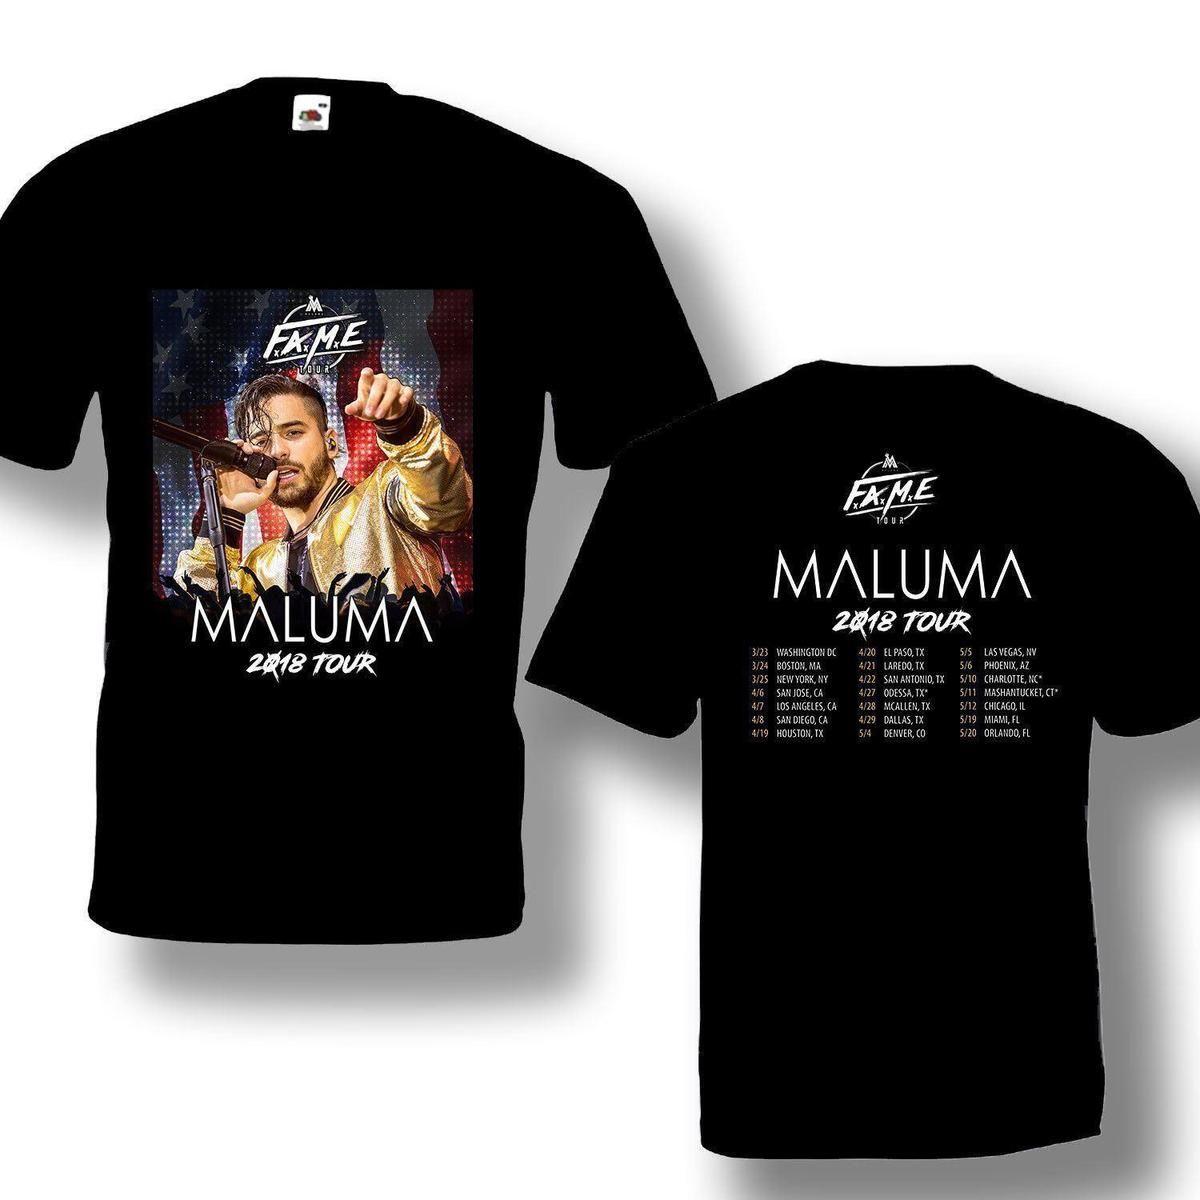 03996f5f1 Compre Maluma Fame Tour 2018 Camiseta Con Fecha De Viaje Color Negro Nuevo  Diseño A  12.08 Del Amesion10ljl